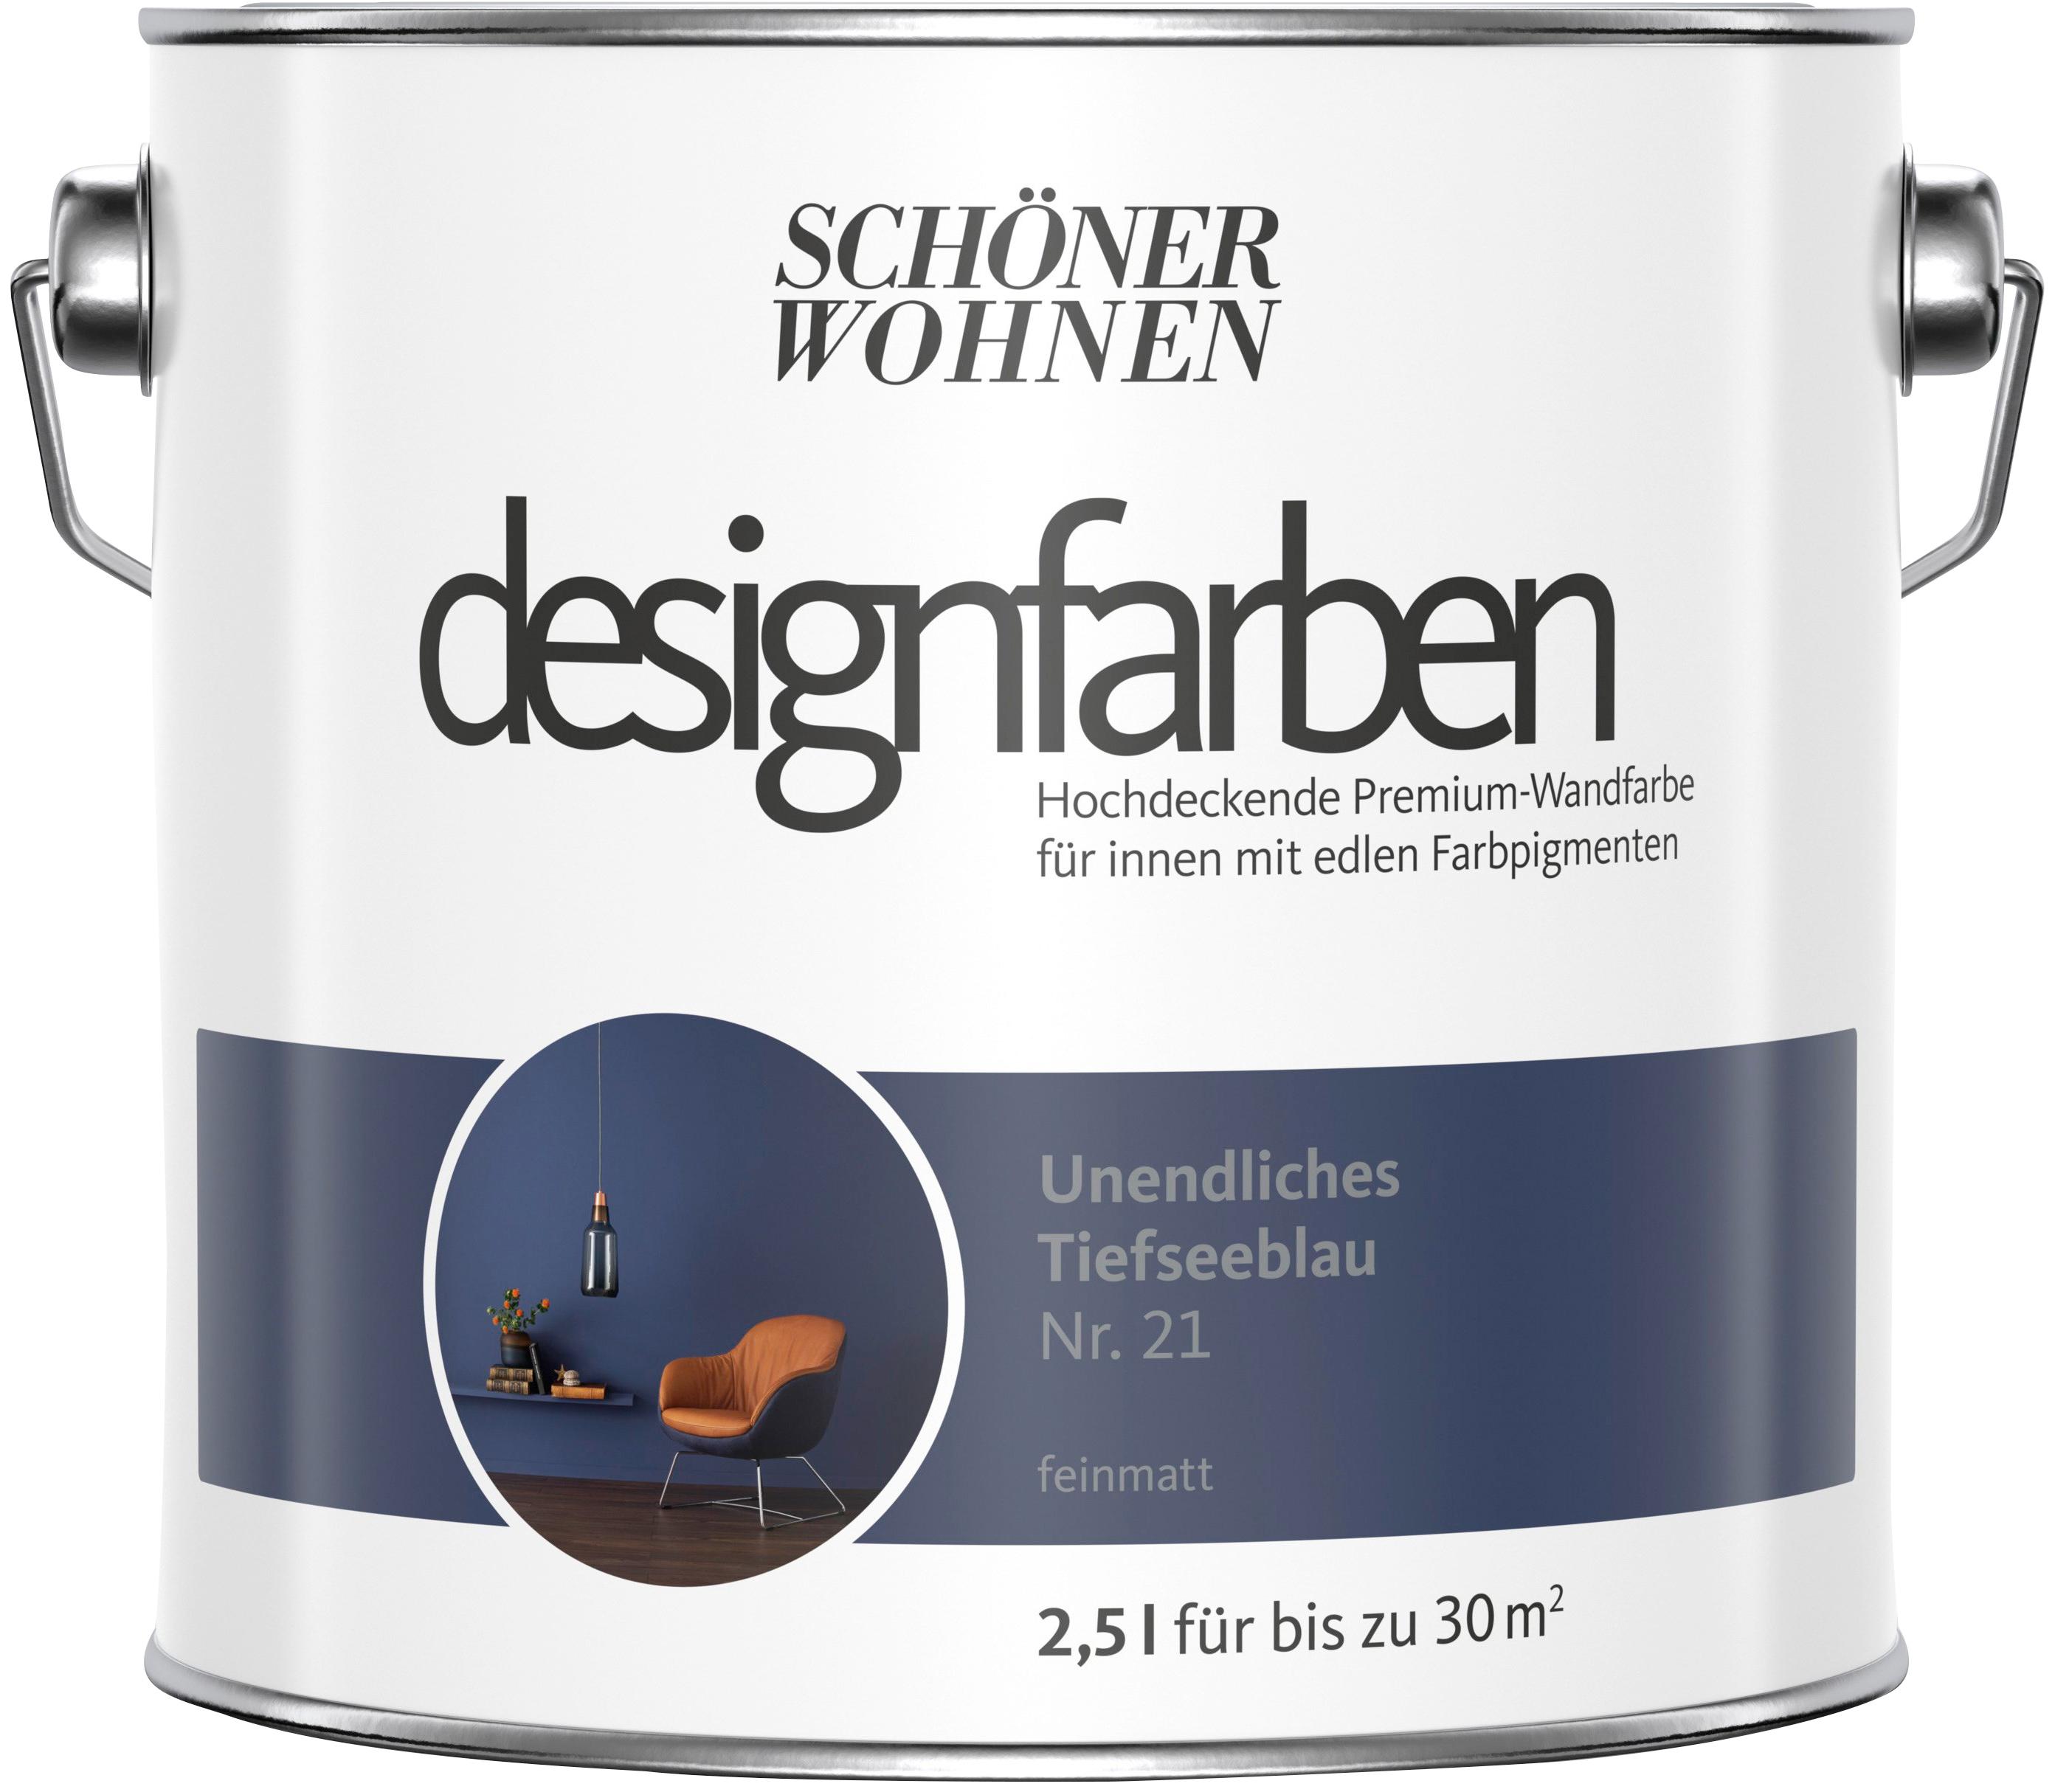 SCHÖNER WOHNEN FARBE Farbe »Designfarben«, Unendliches Tiefseeblau Nr. 21,  feinmatt 2,5 l auf Rechnung | BAUR